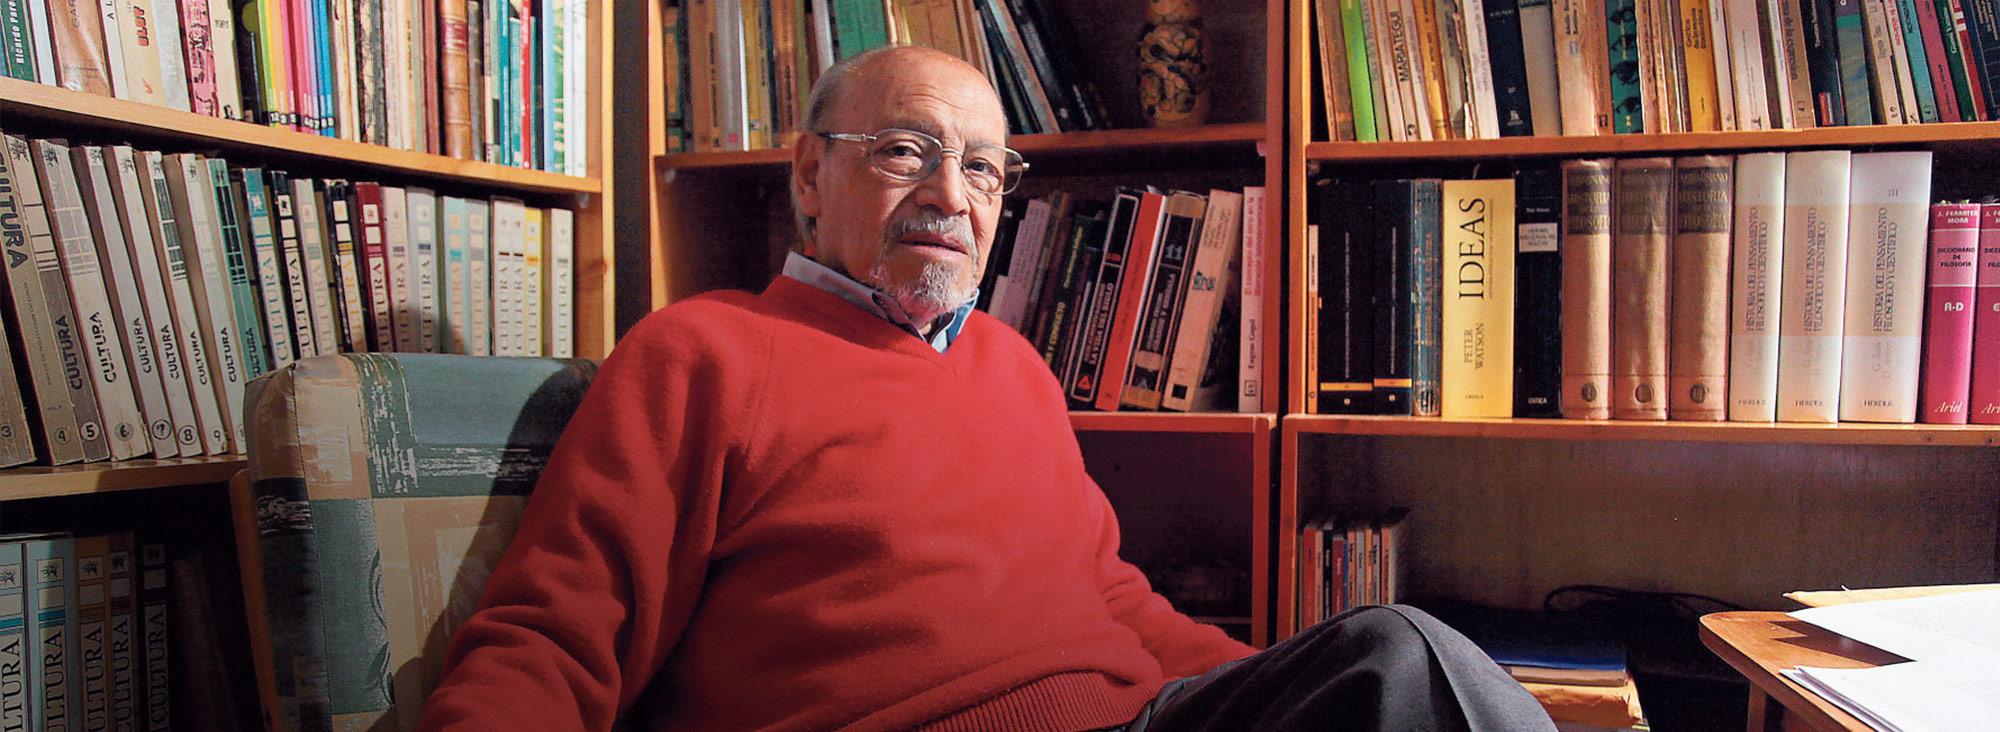 Fernando Tinajero es uno de los ensayistas más destacados del país. Poco después de recibir el Premio Eugenio Espejo por su aporte a las letras, escribió un artículo sobre la necesidad de saber retroceder.